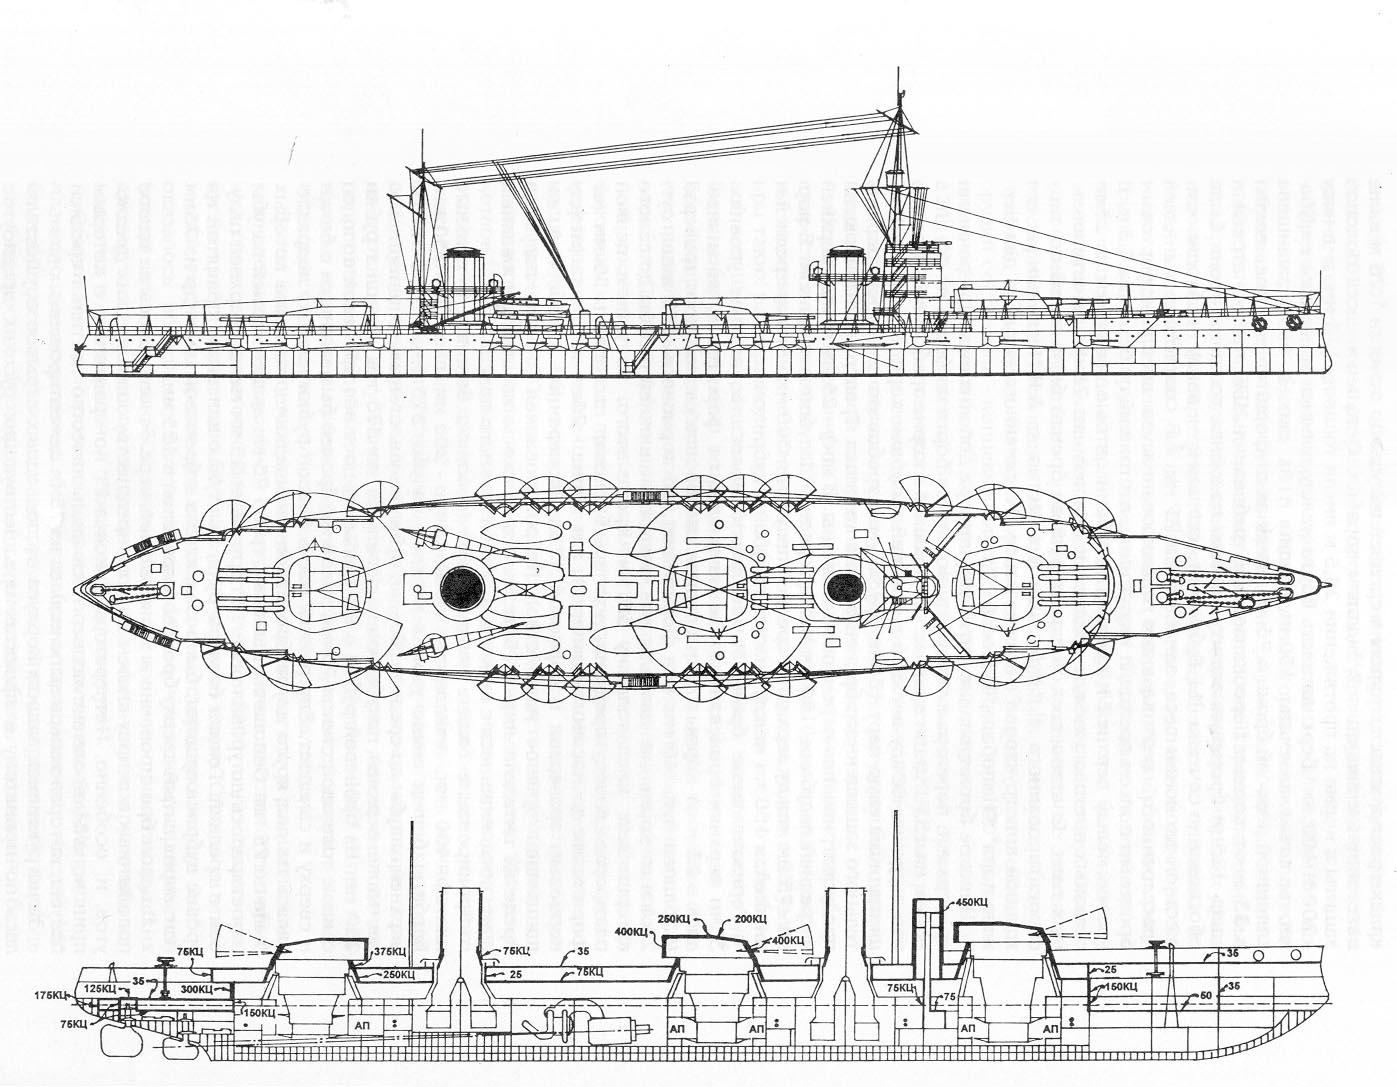 Tsarist Battleship Stu S